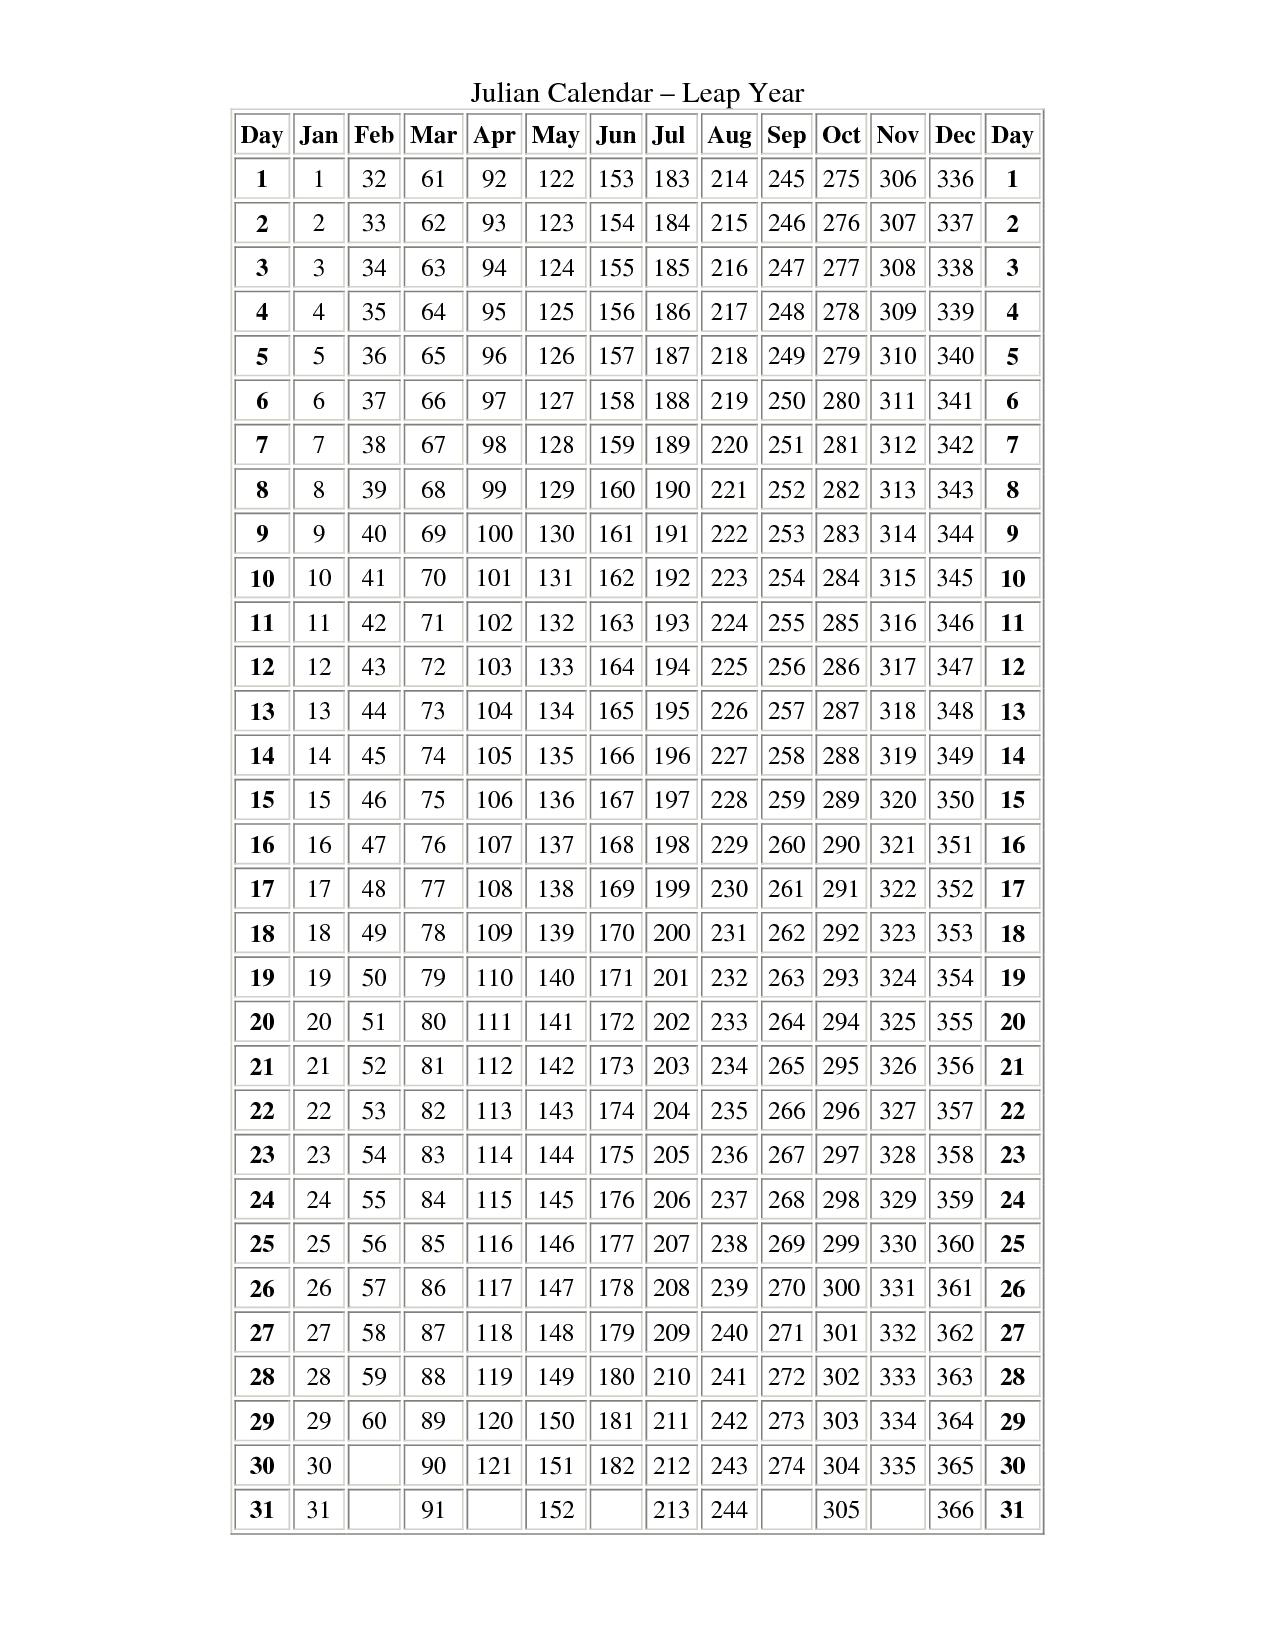 Non Leap Year Julian Calendar | Example Calendar Printable with Julian Date Calendar Leap Year